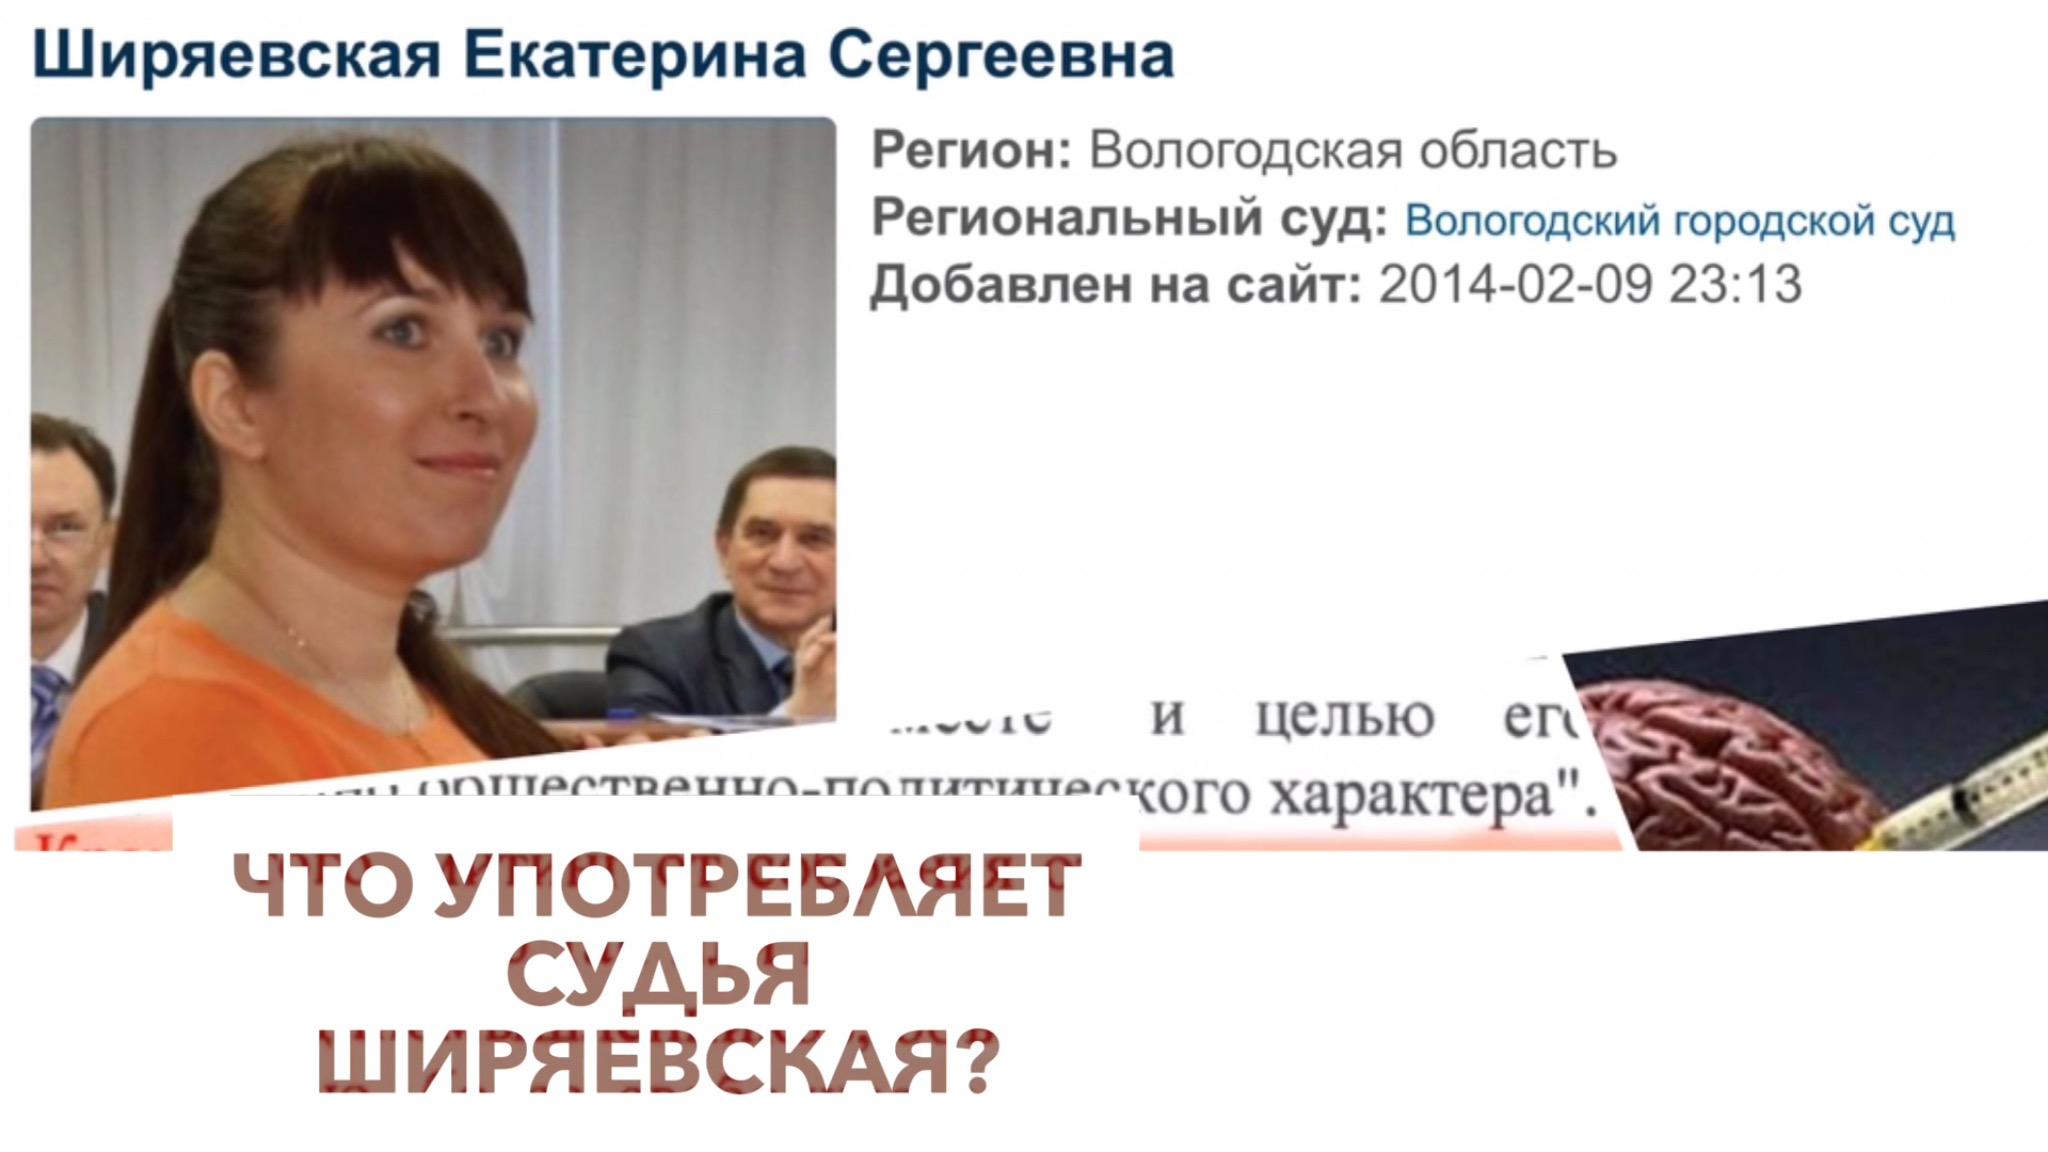 Что употребляет судья Ширяевская?